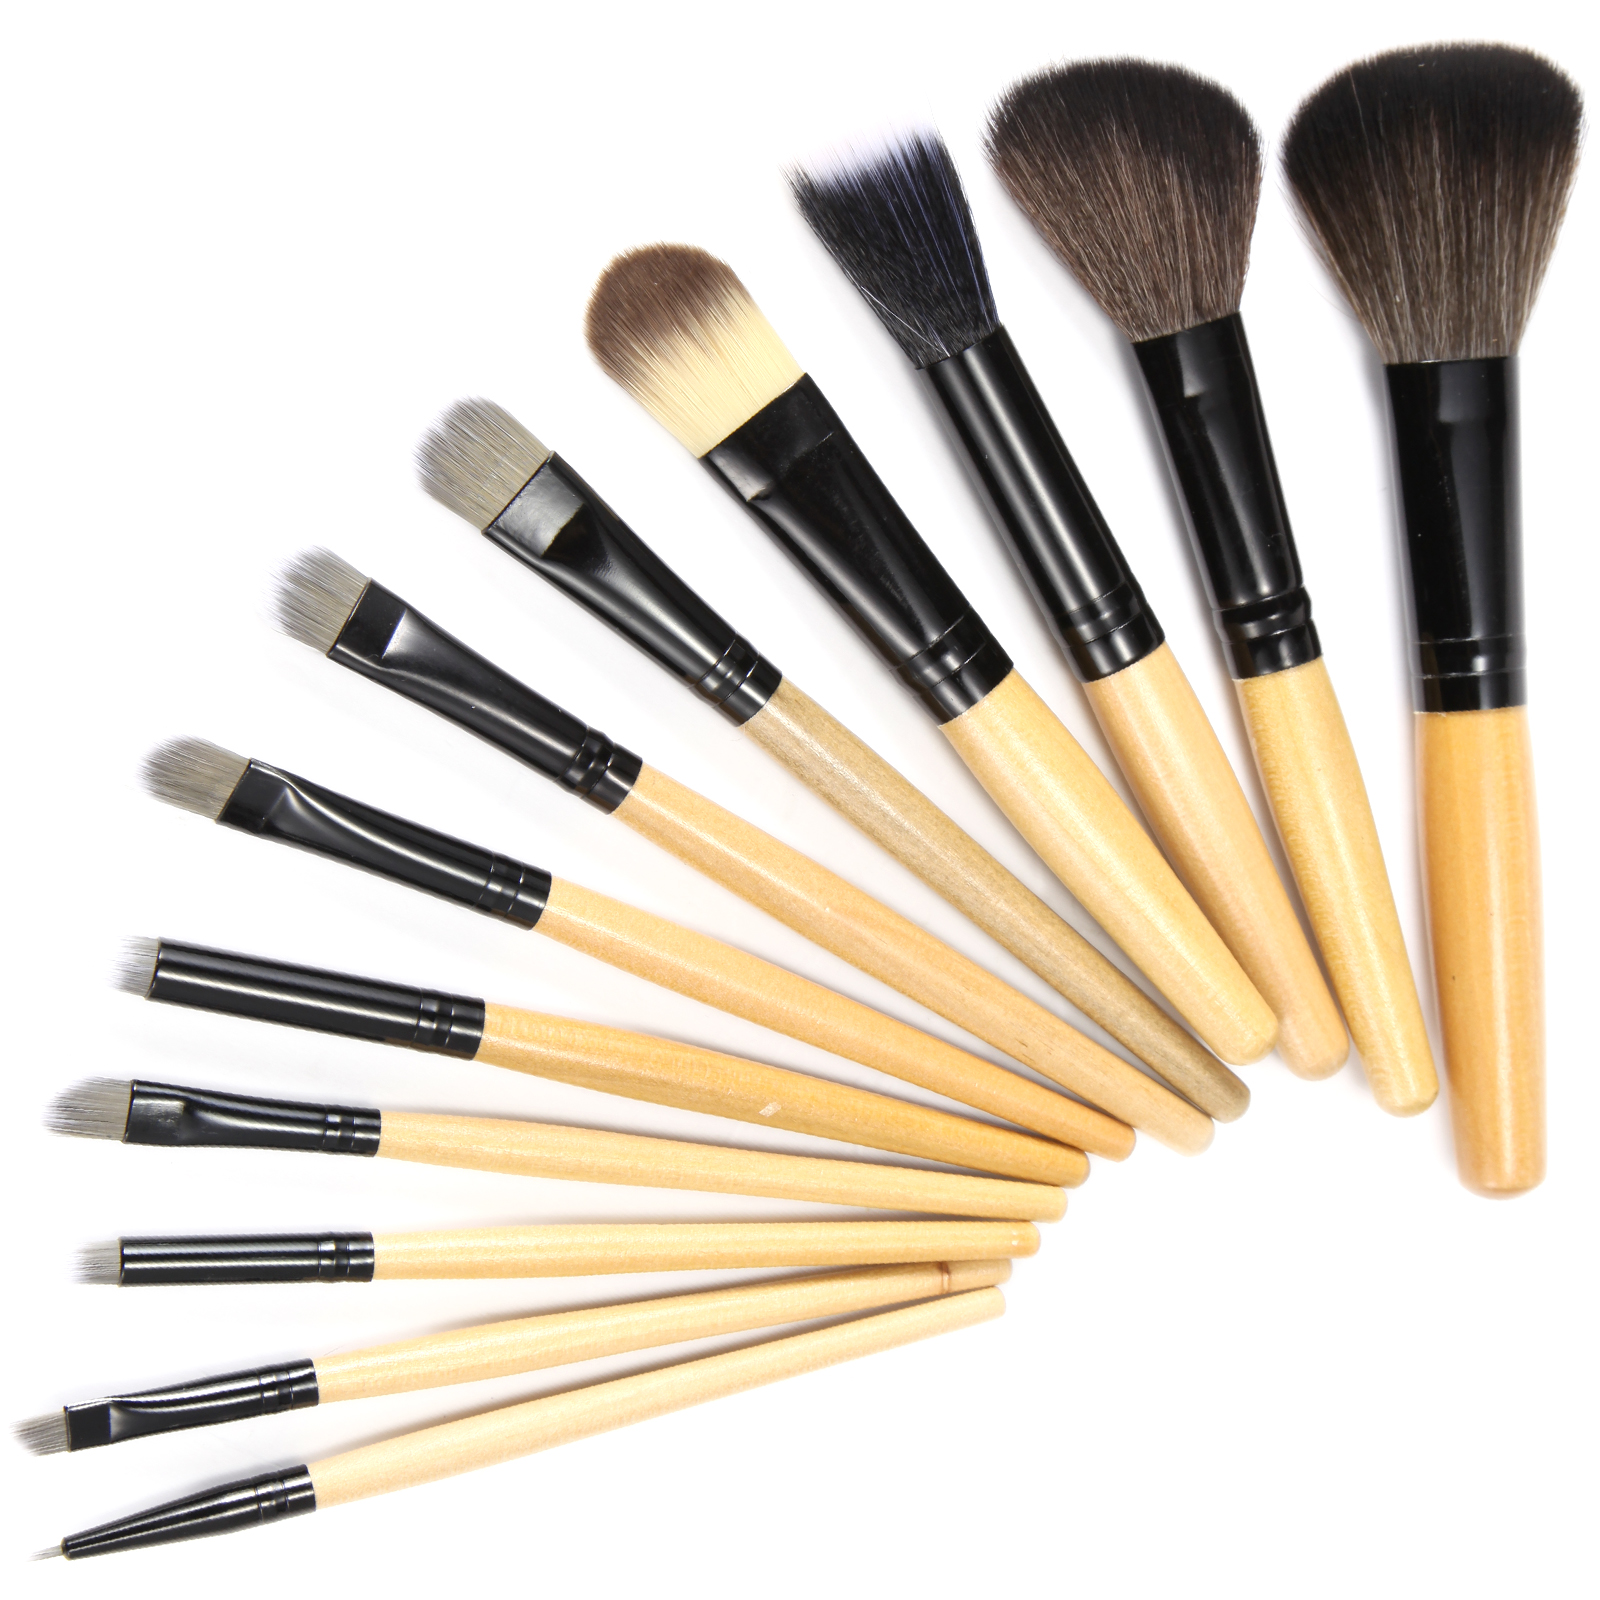 12 tlg pinsel set make up brush professionelle kosmetik. Black Bedroom Furniture Sets. Home Design Ideas